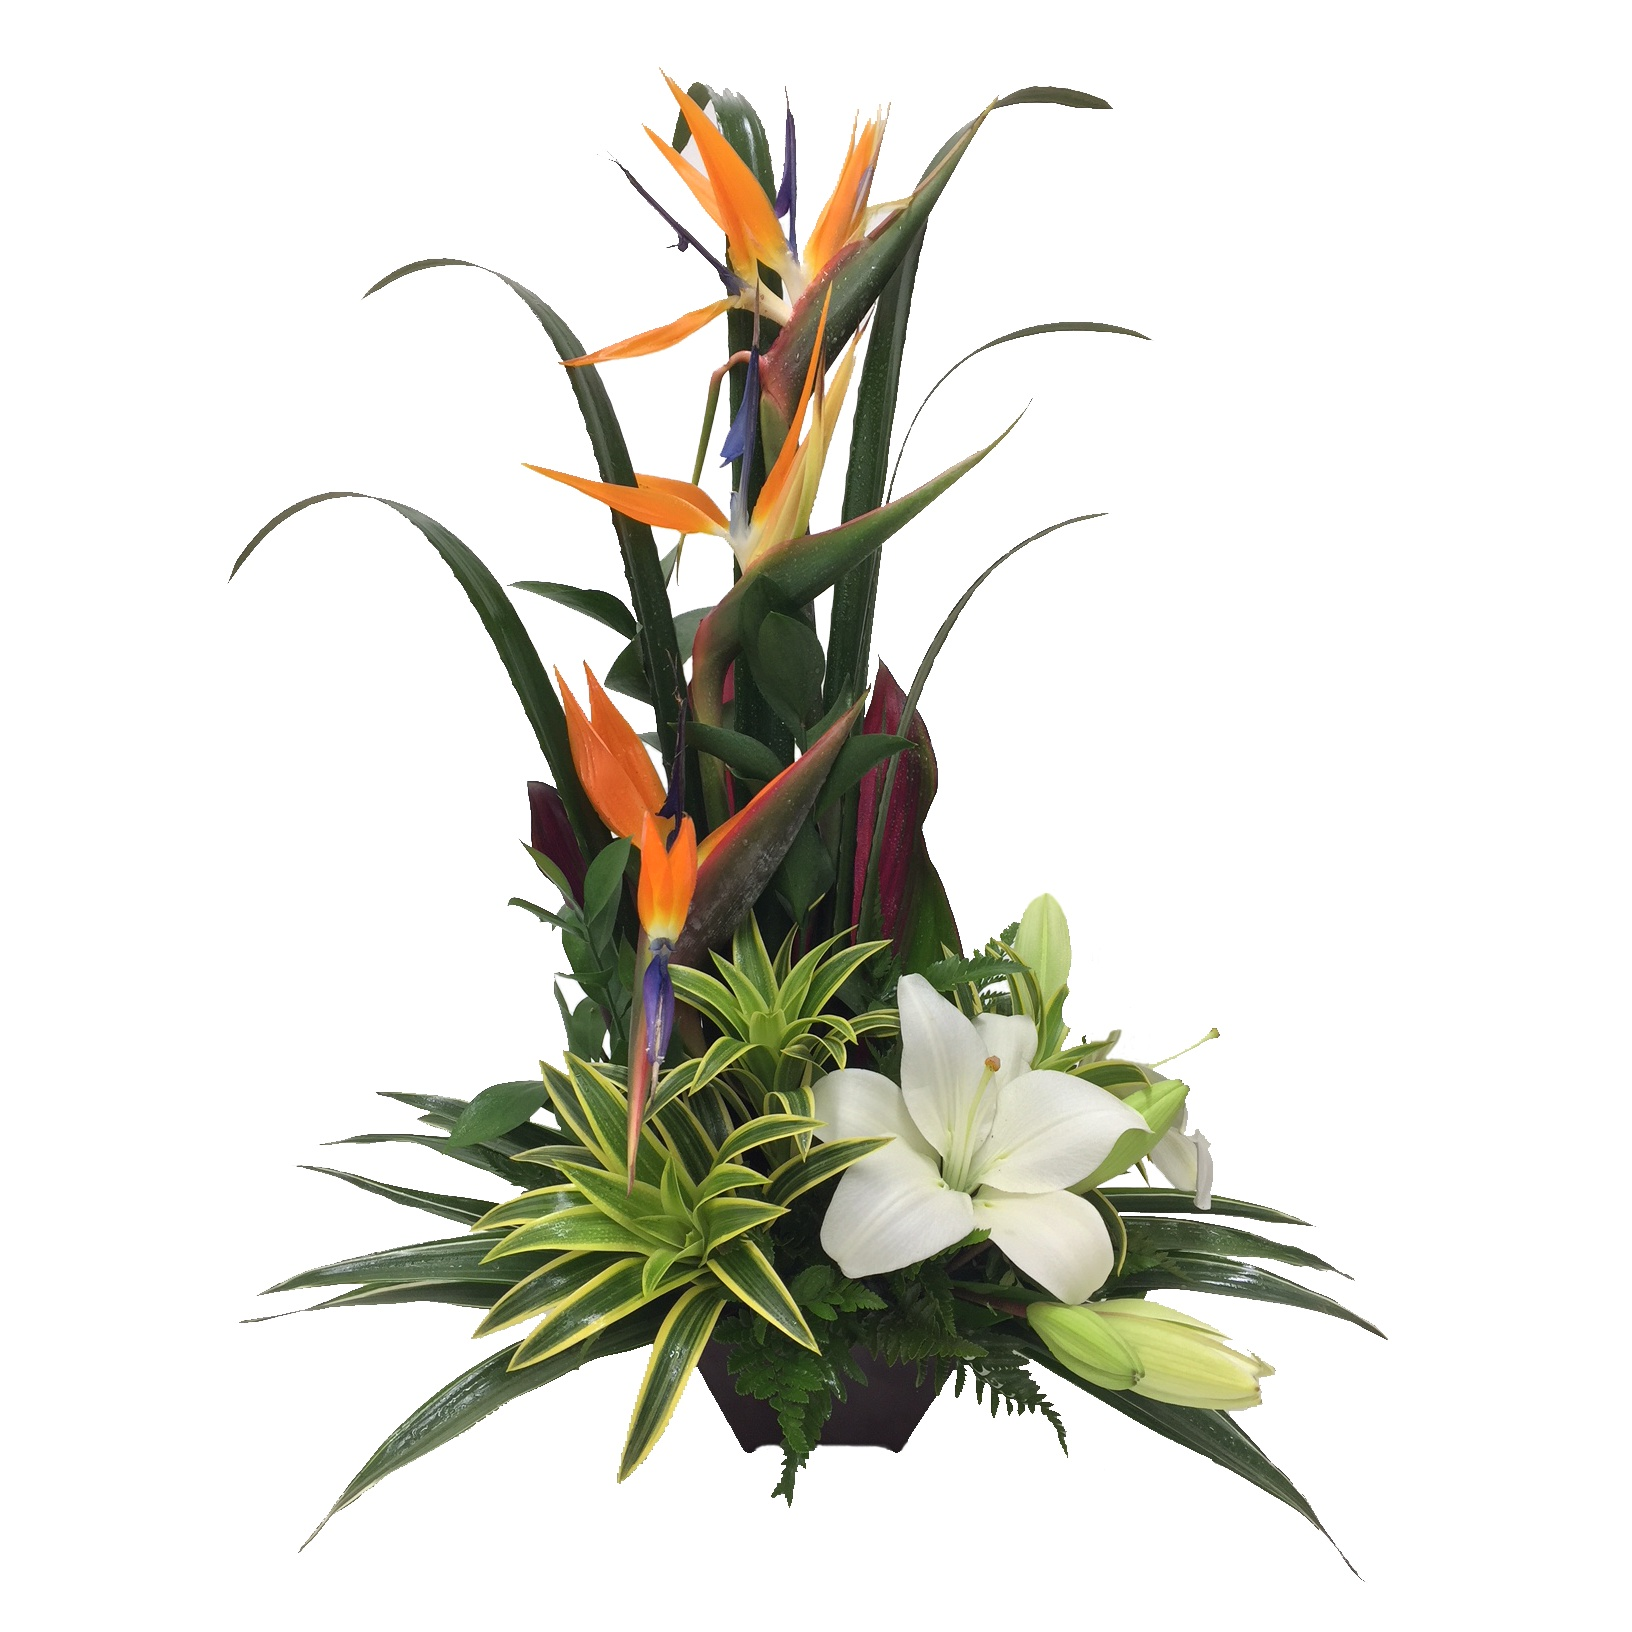 Arreglo Floral con lirios y aves del paraíso